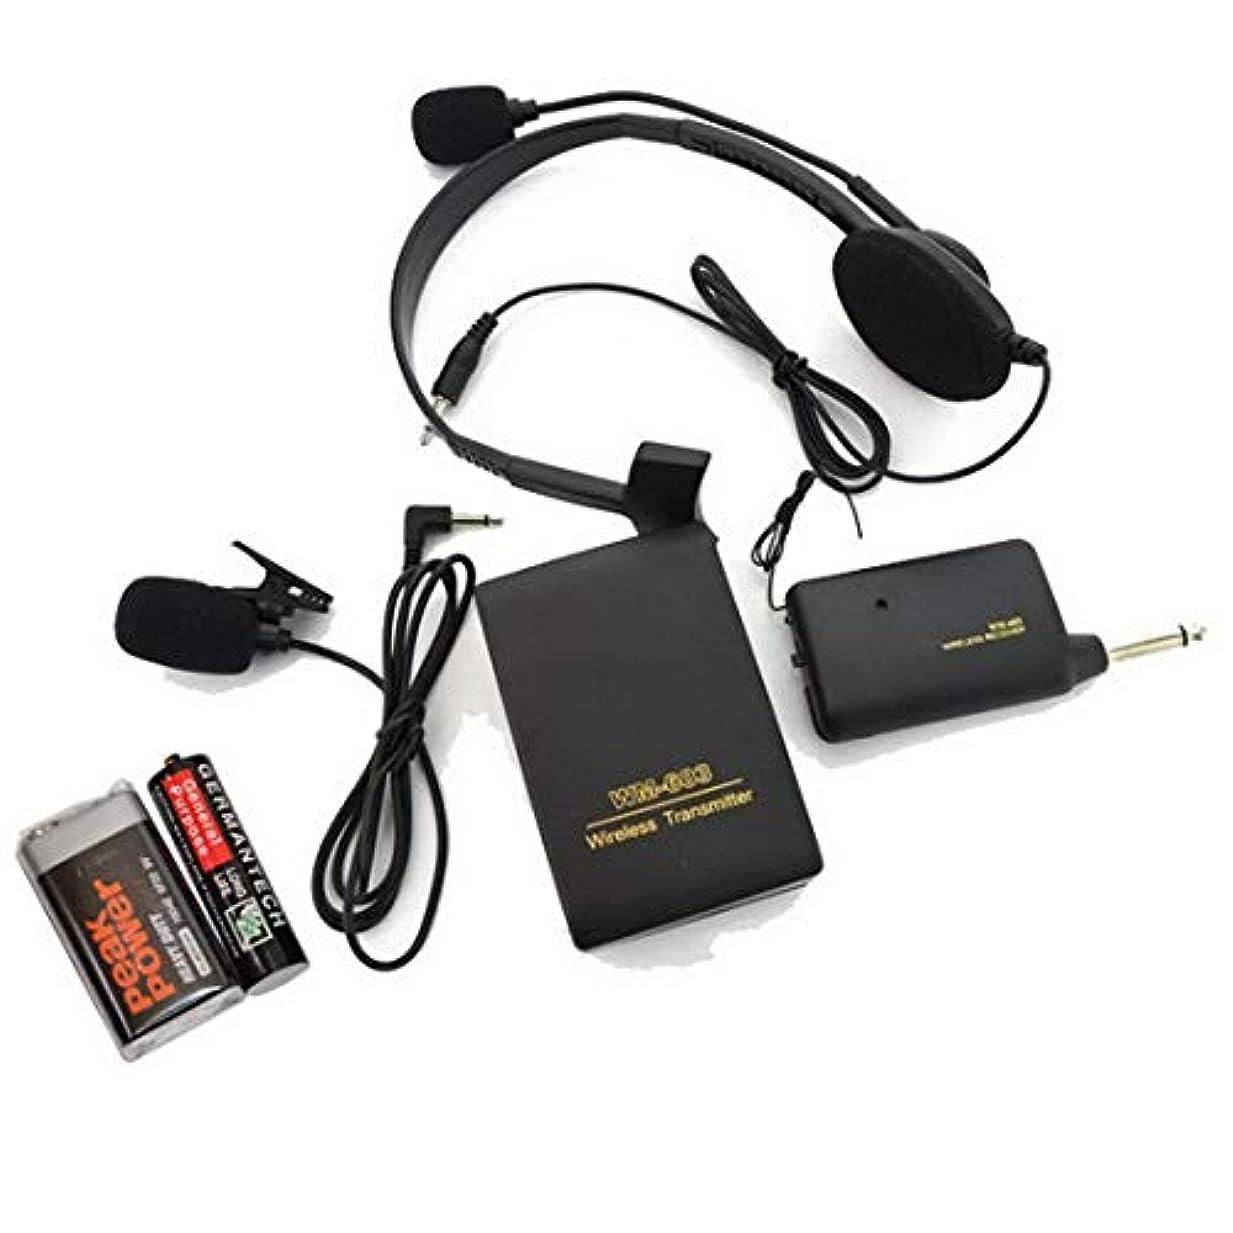 ペイントクラシカルケージワイヤレスマイク ヘッドセット ピンマイク ポータブル50m安定したワイヤレス伝送 軽量 6.5mmモノミニプラグ